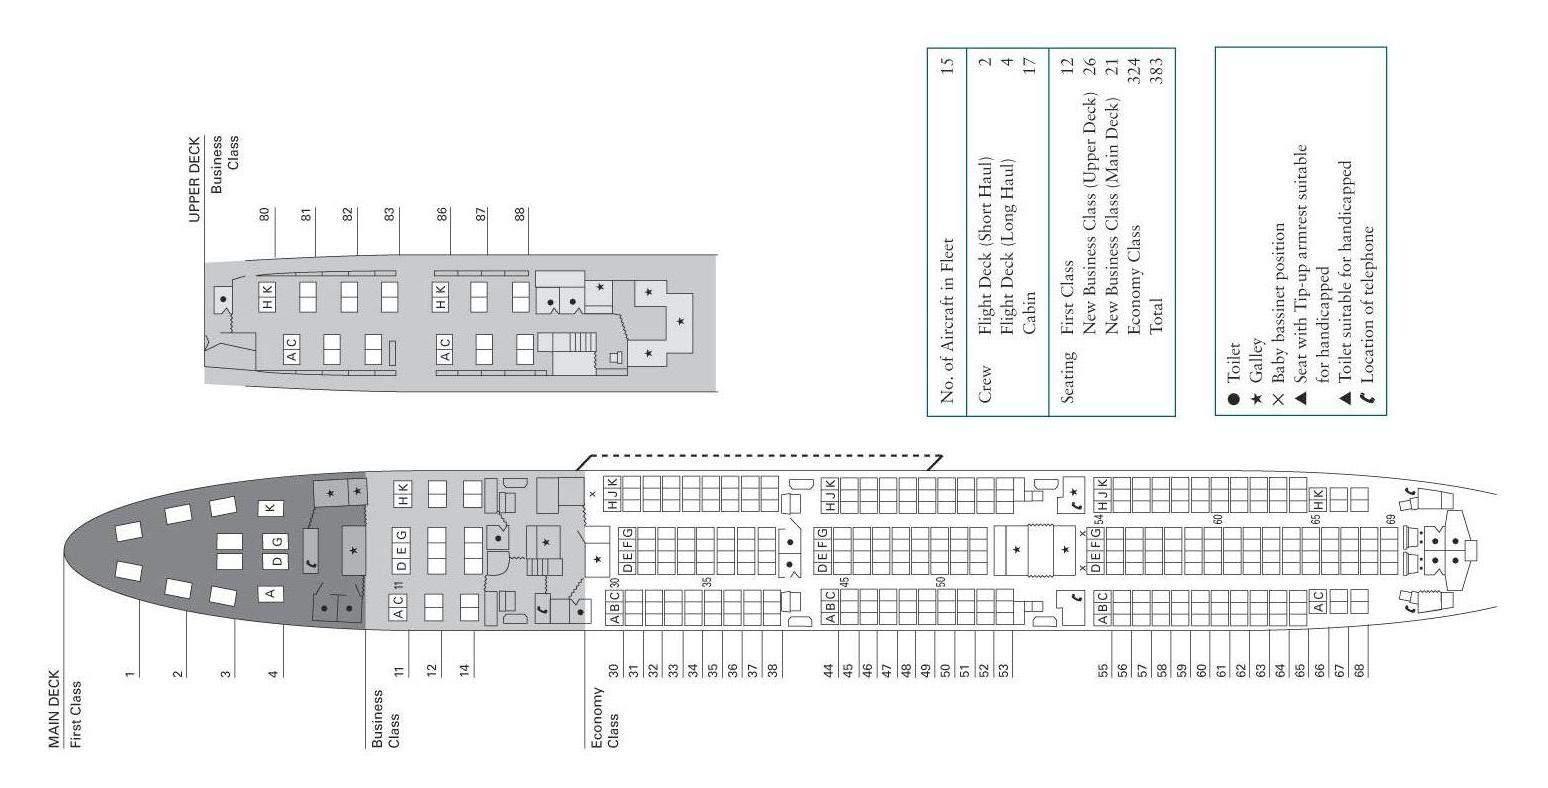 Boeing 747 sedadla